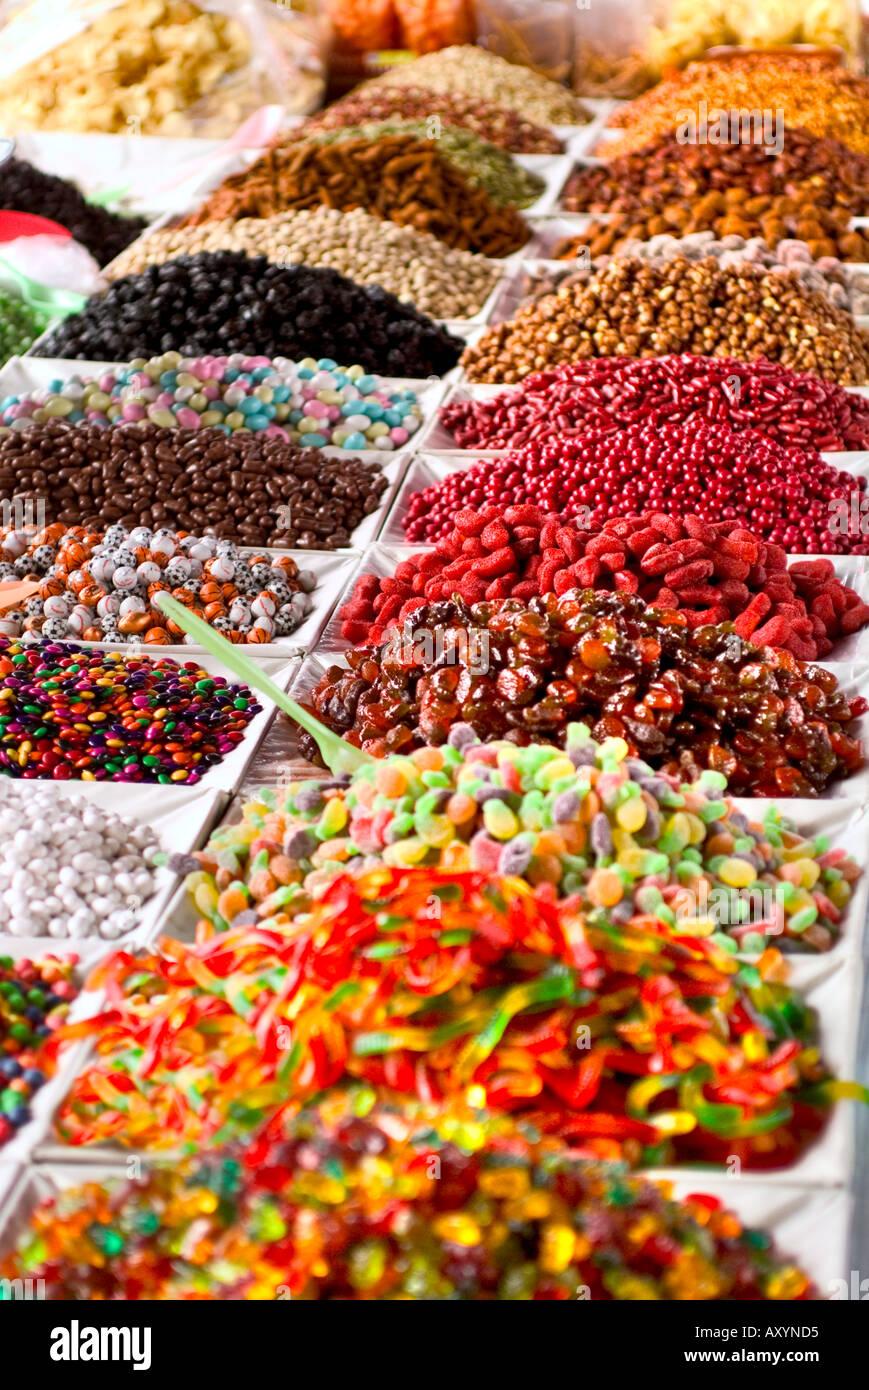 27bdfd63aff4 La composición de colores dulces a granel para la venta en el mercado al  aire libre